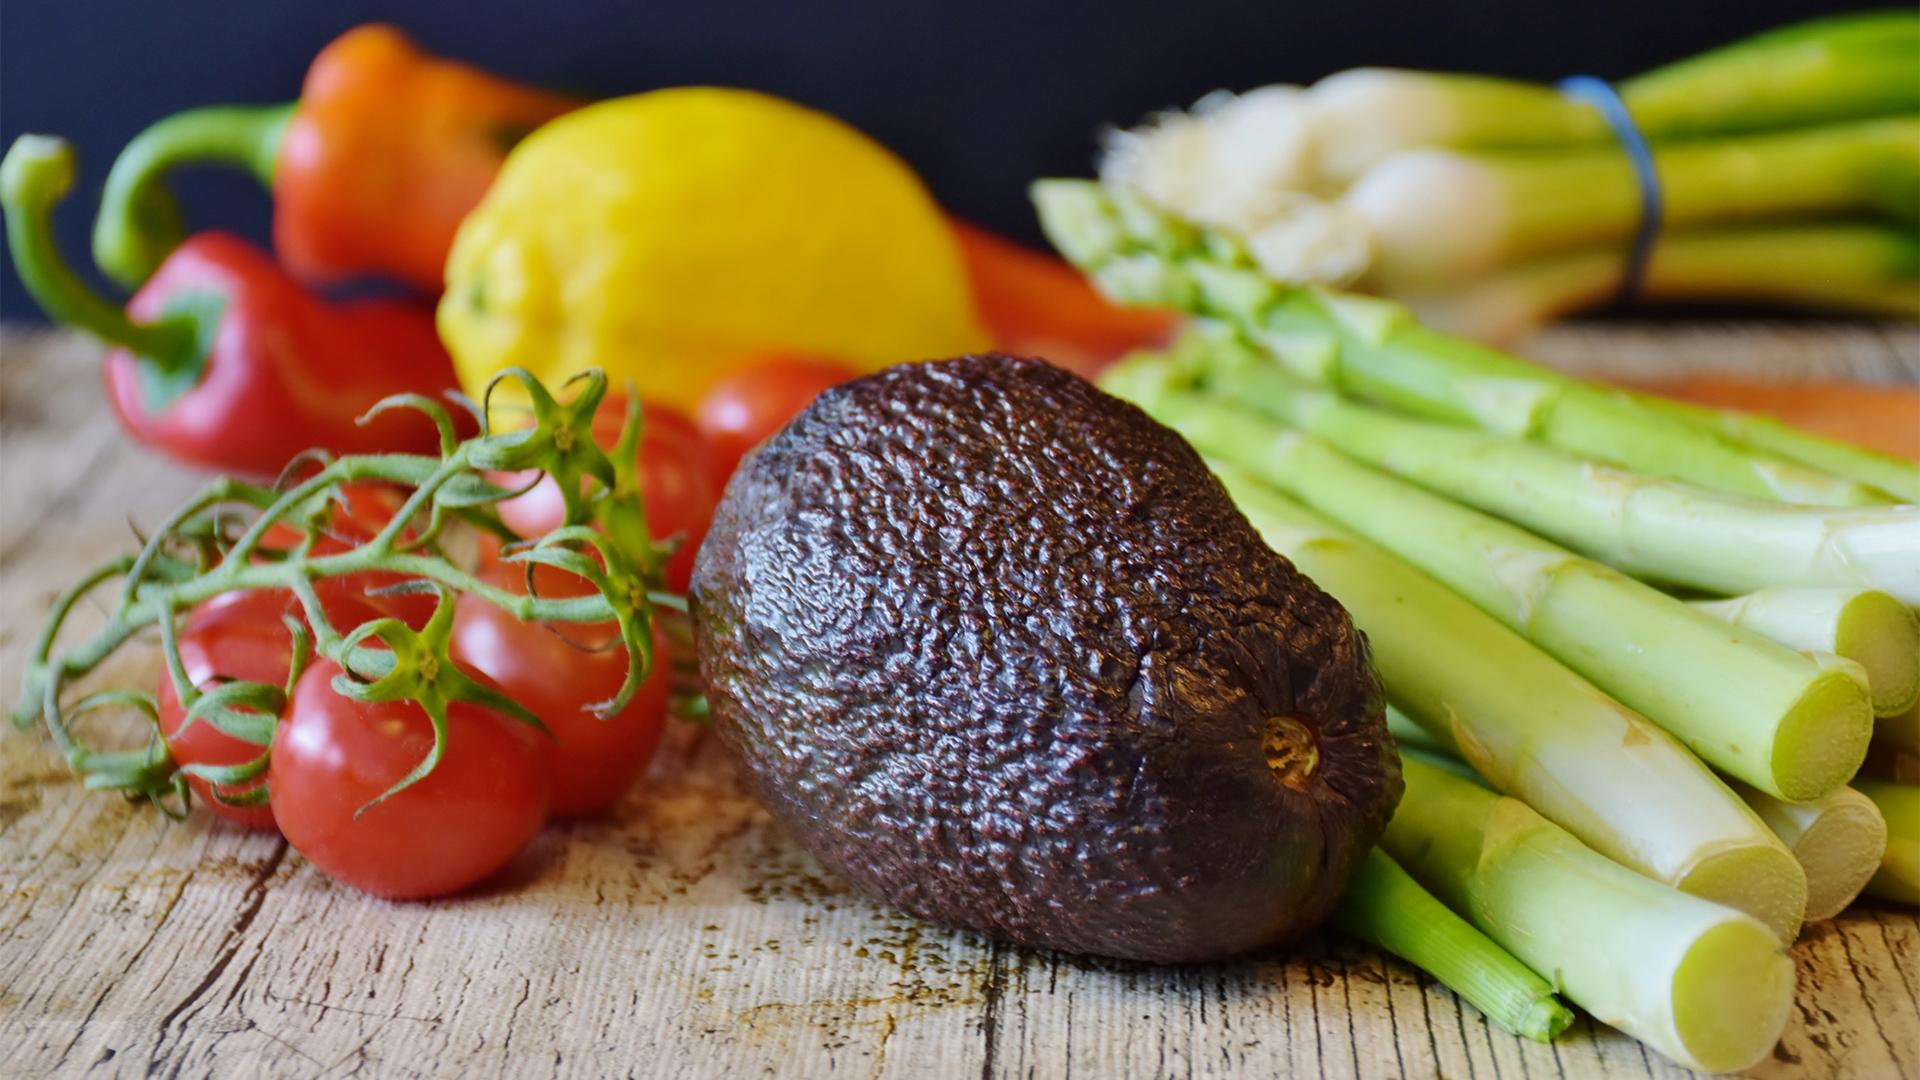 Valeur énergétique et Indice glycémique des légumes